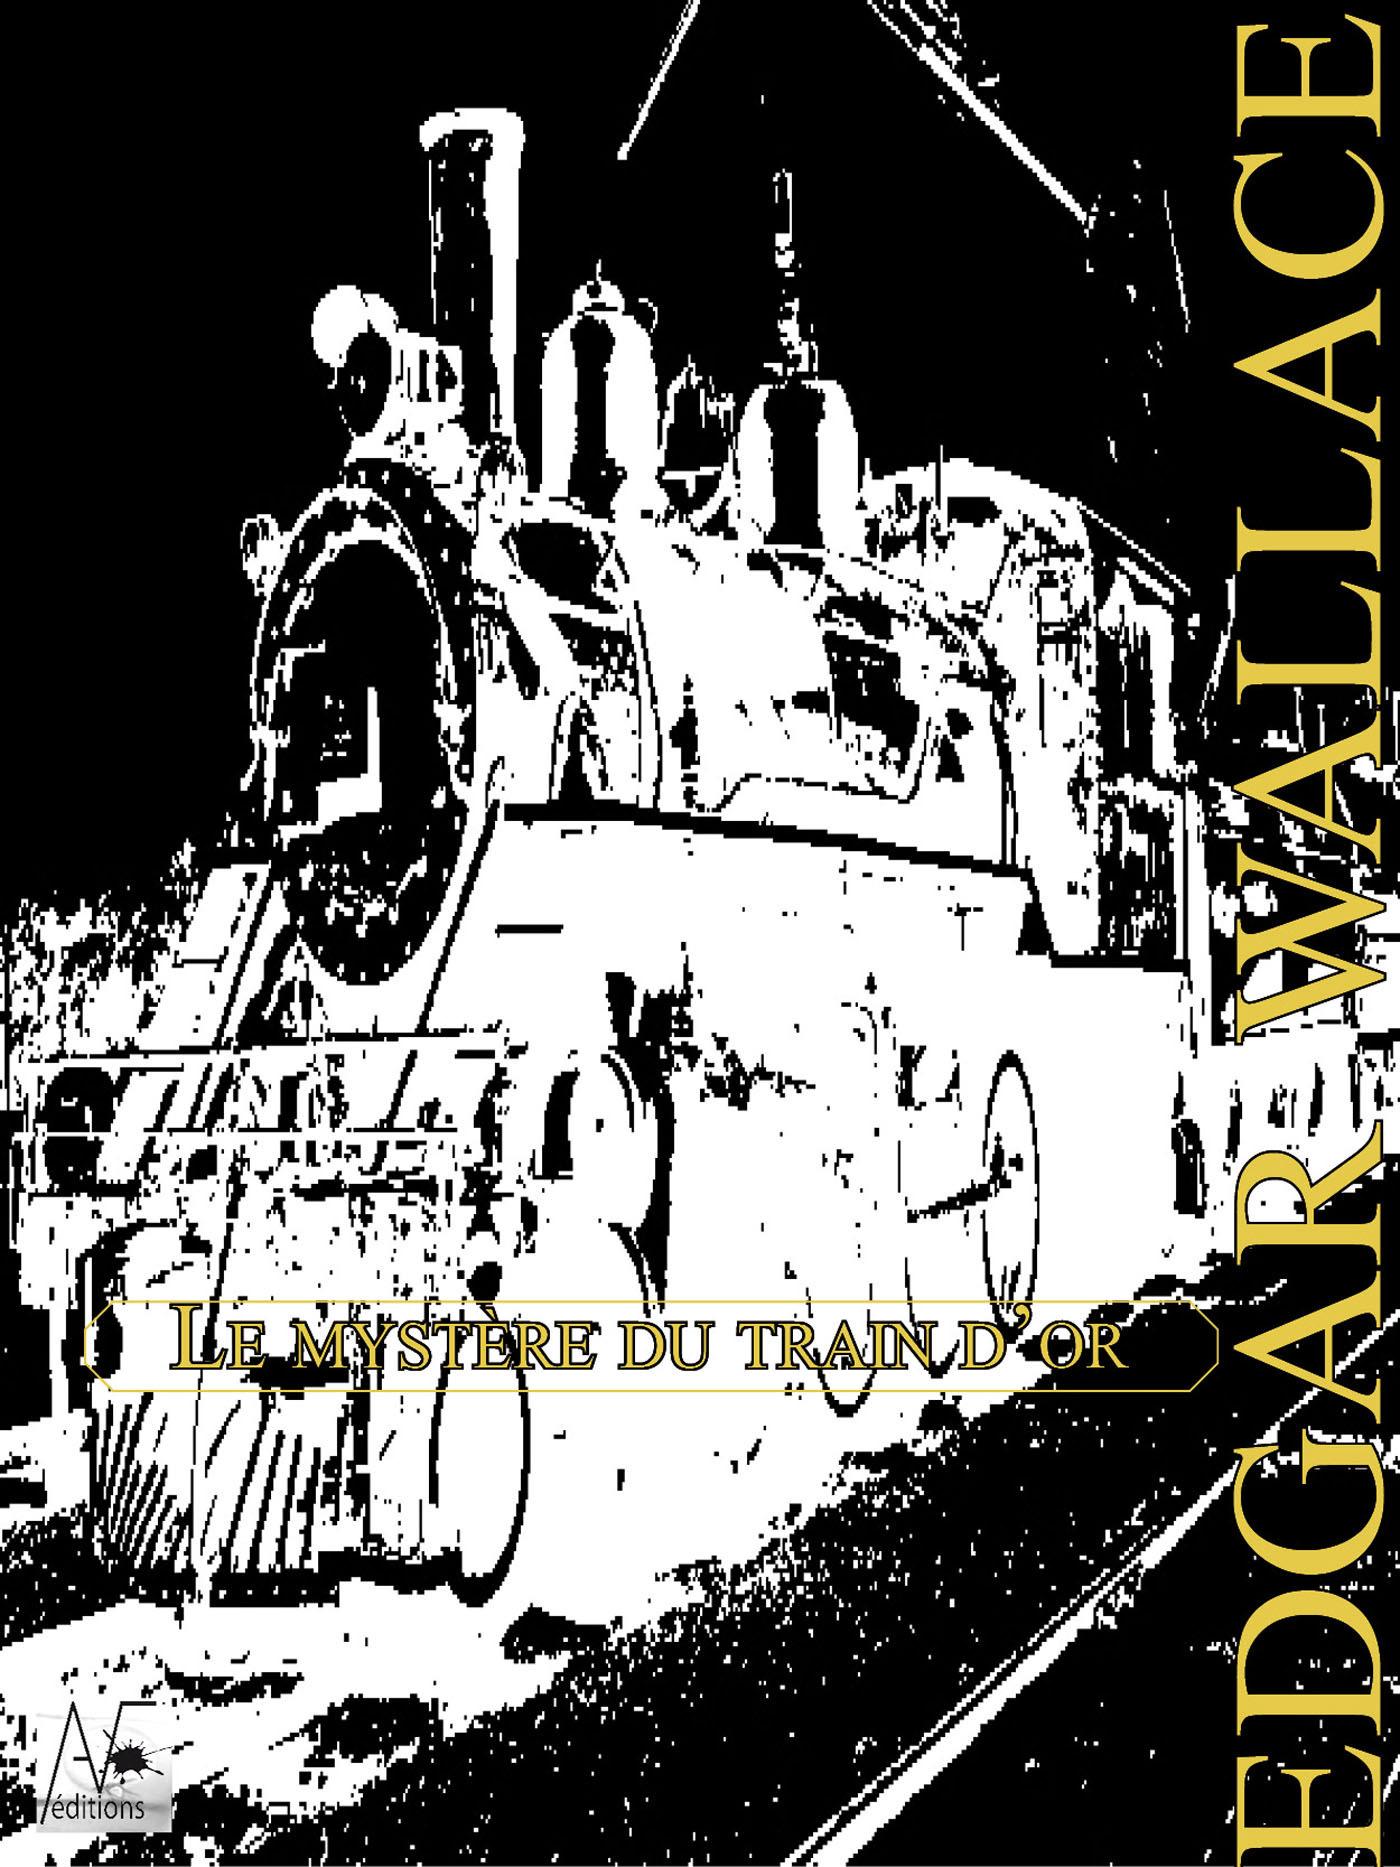 Le mystère du train d'or